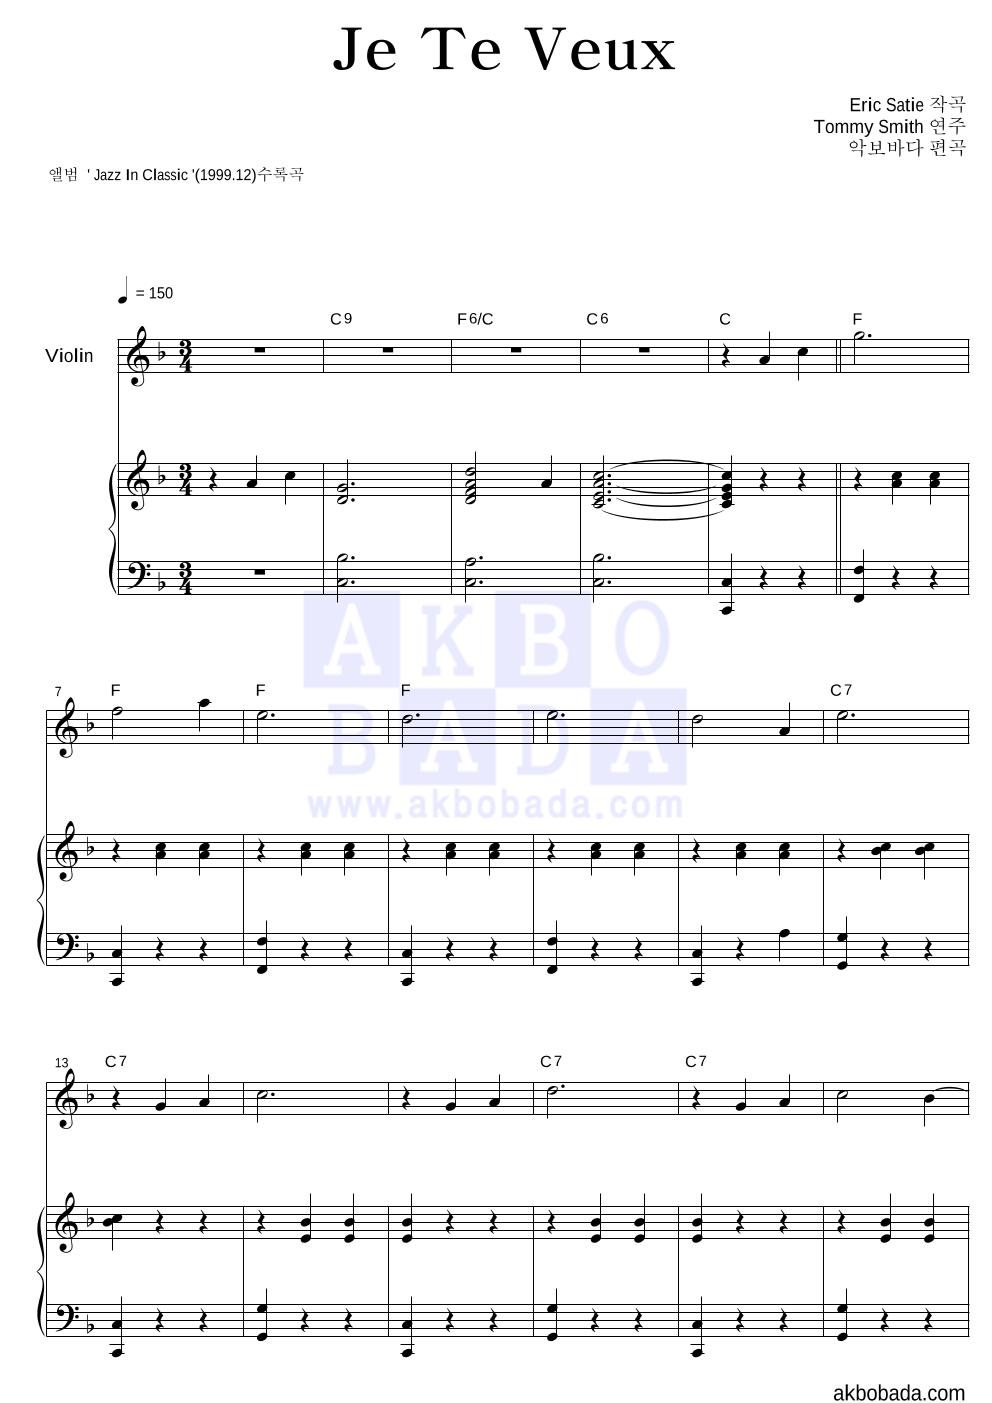 에릭 사티 - Je Te Veux 바이올린&피아노 악보